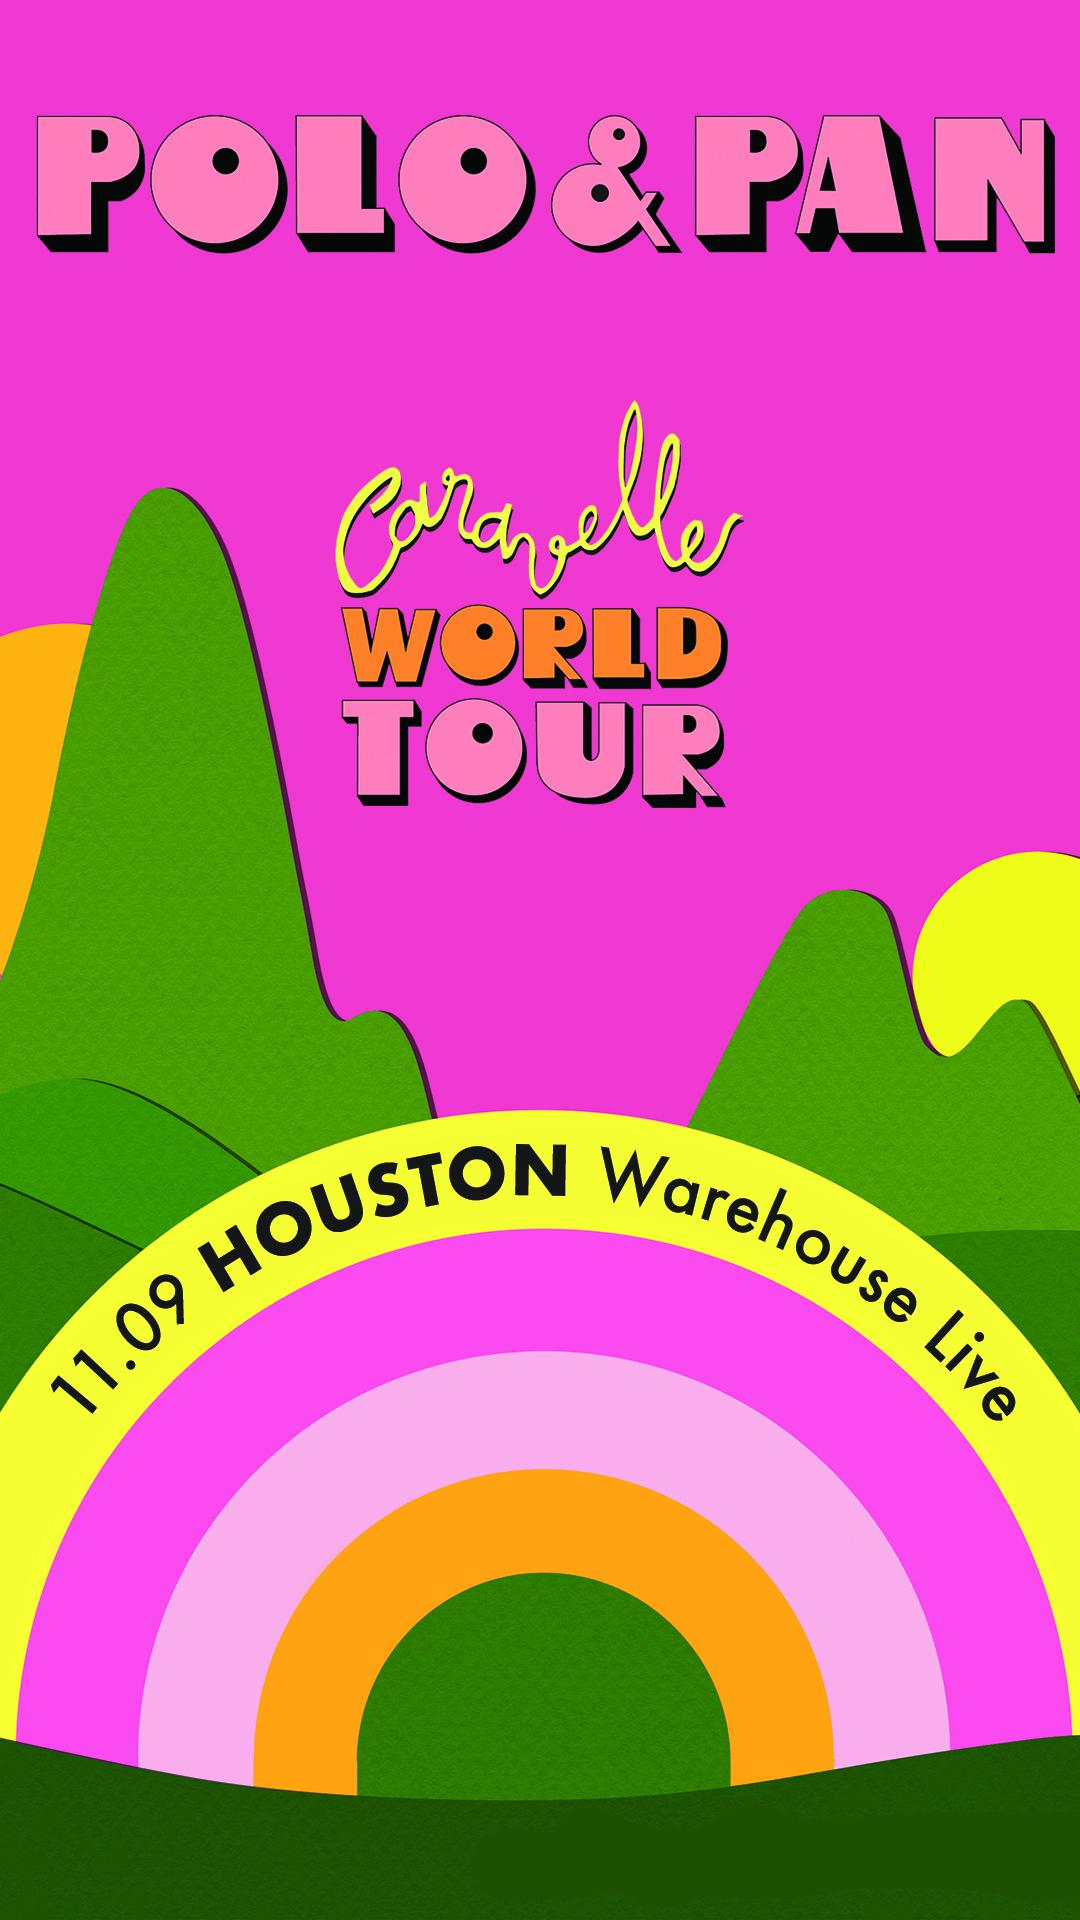 POLO & PAN - CARAVELLE WORLD TOUR